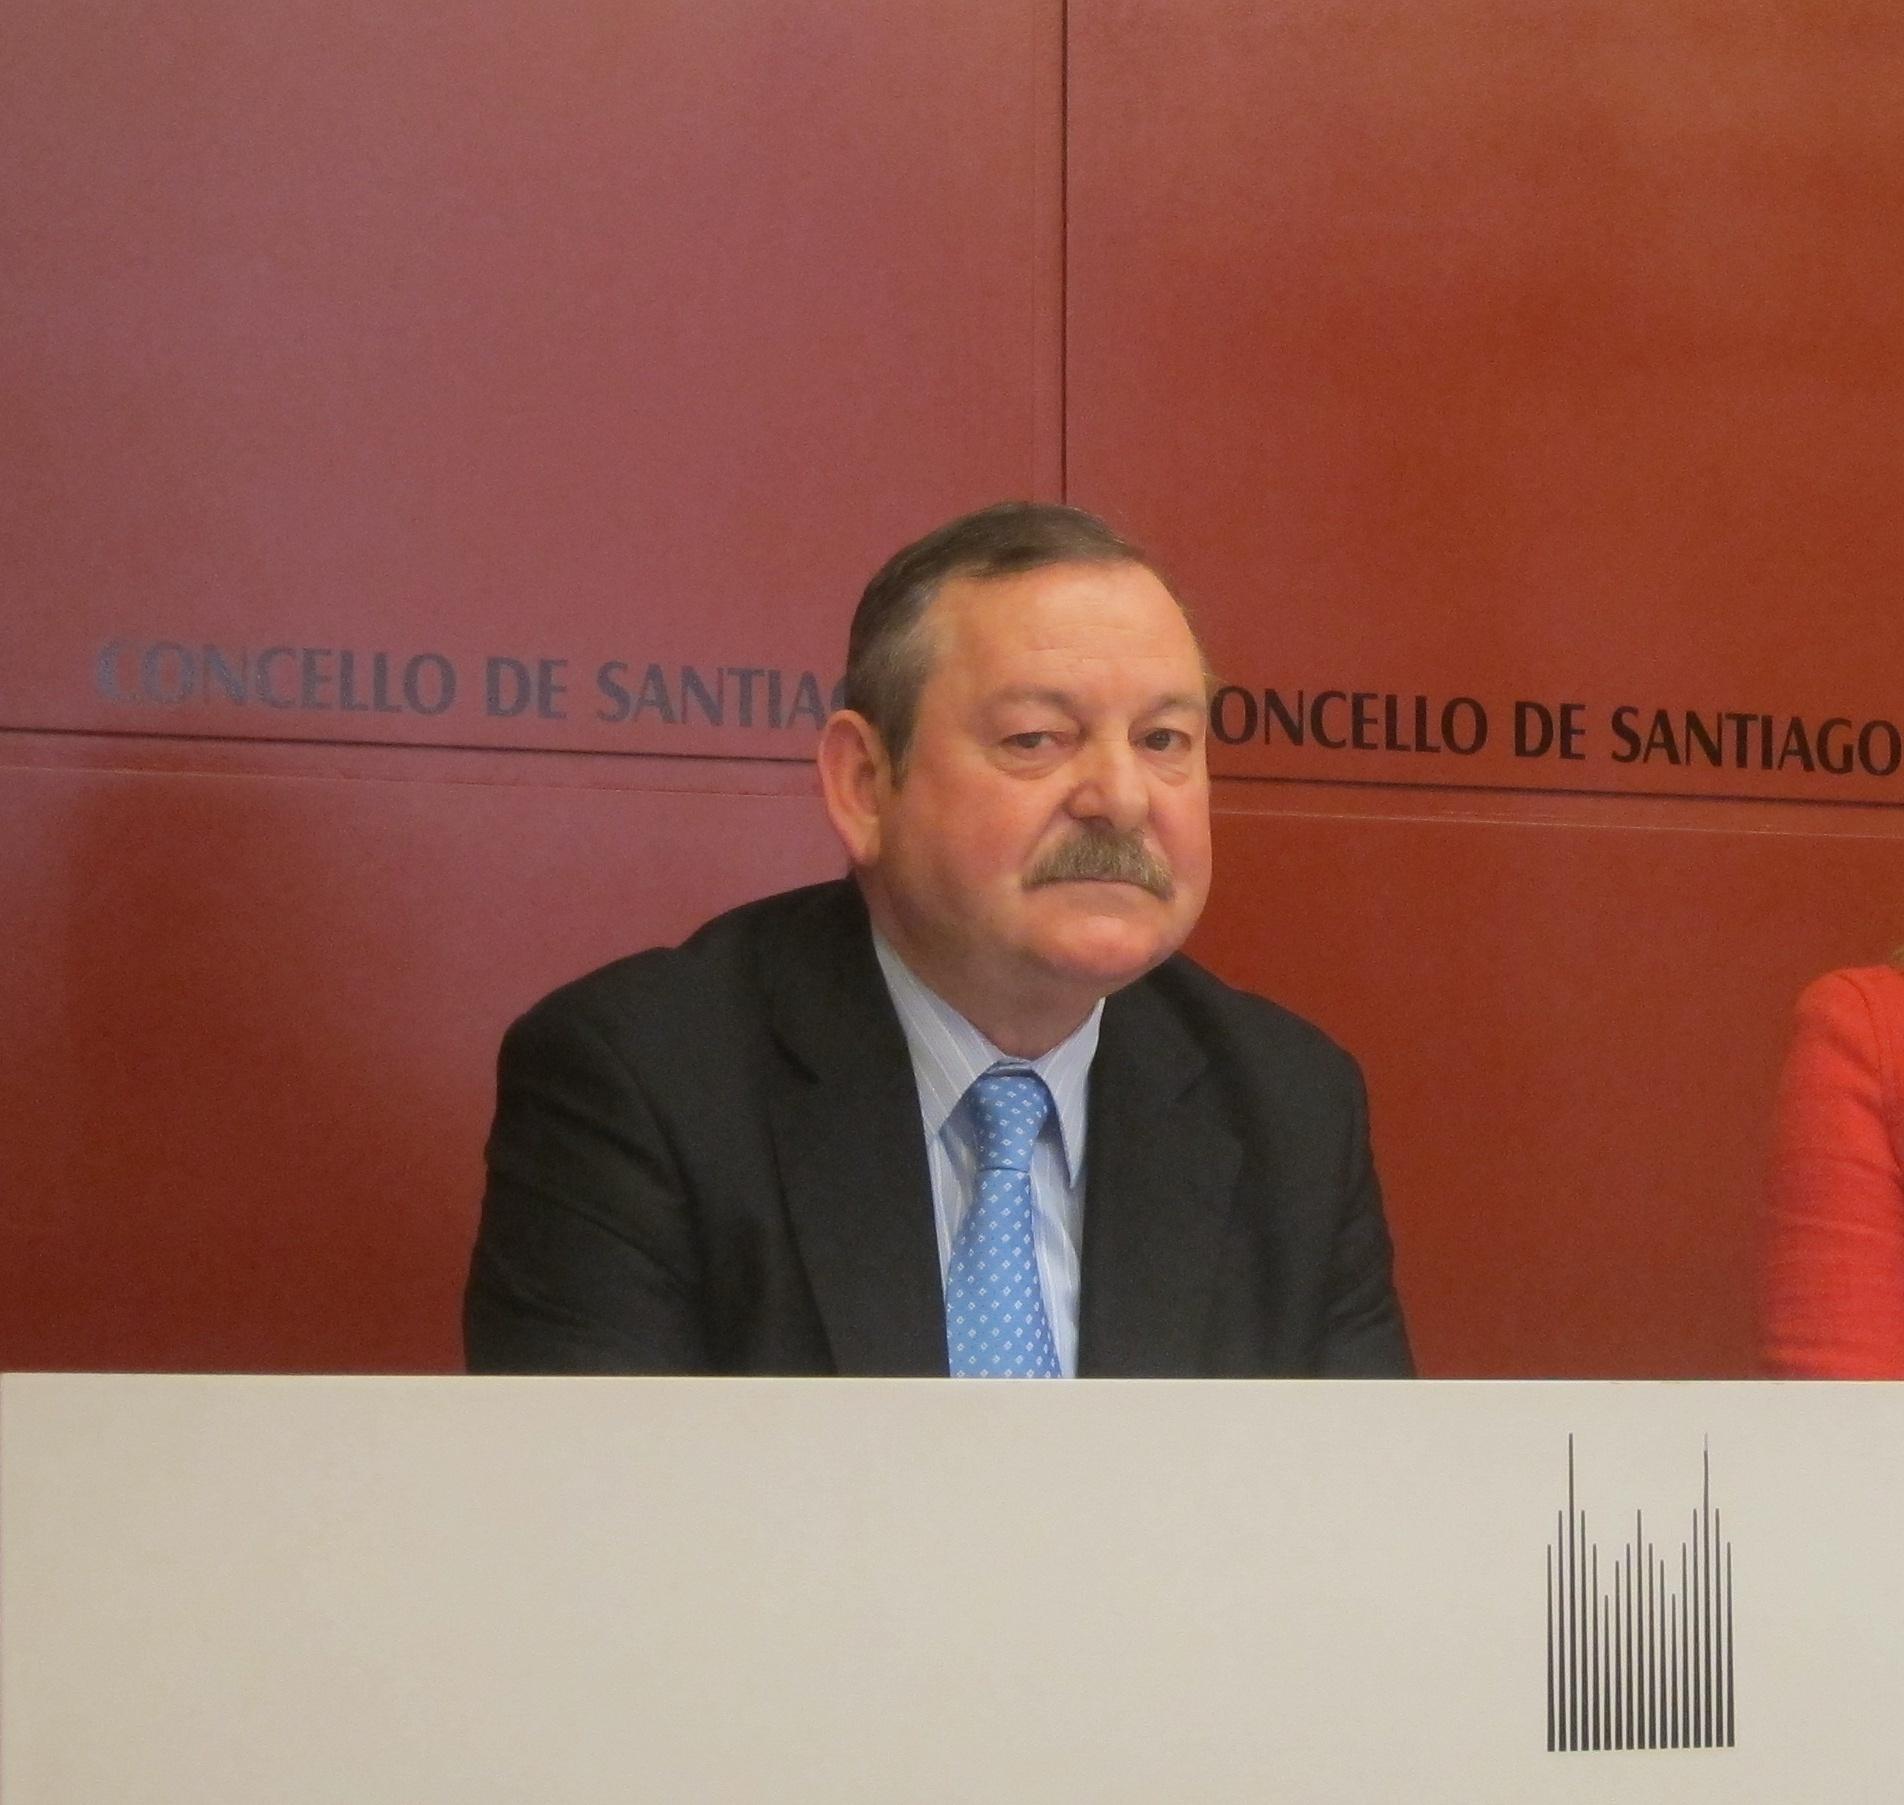 El concejal del PP de Santiago Juan de la Fuente declara este martes imputado por falsedad documental